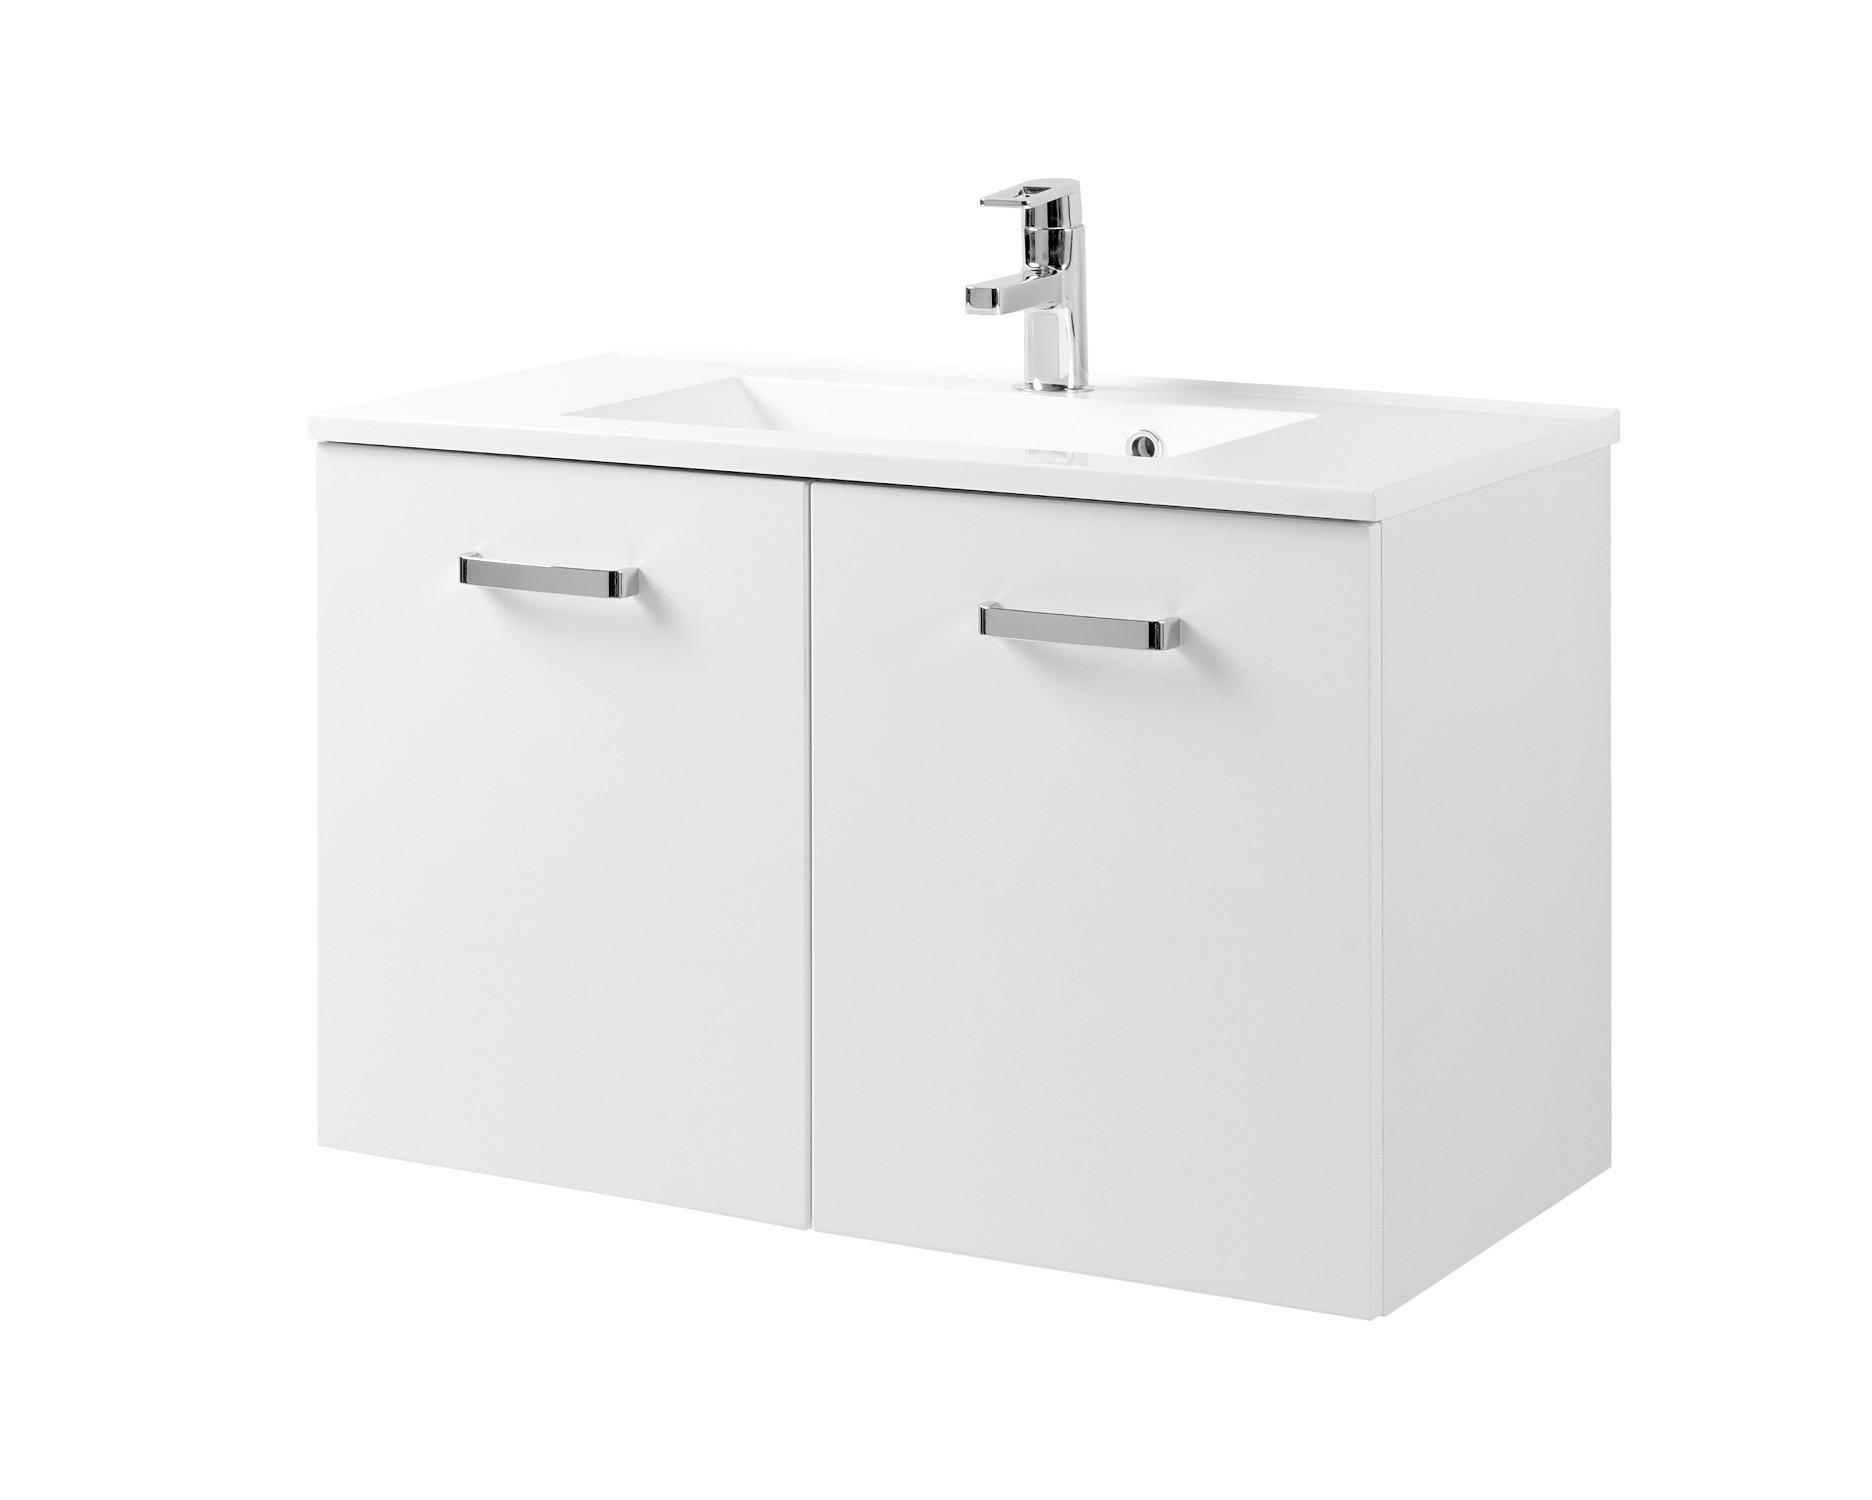 Details zu Waschtisch mit Unterschrank 8 cm 8 Türen Waschtischunterschrank  hochglanz weiss